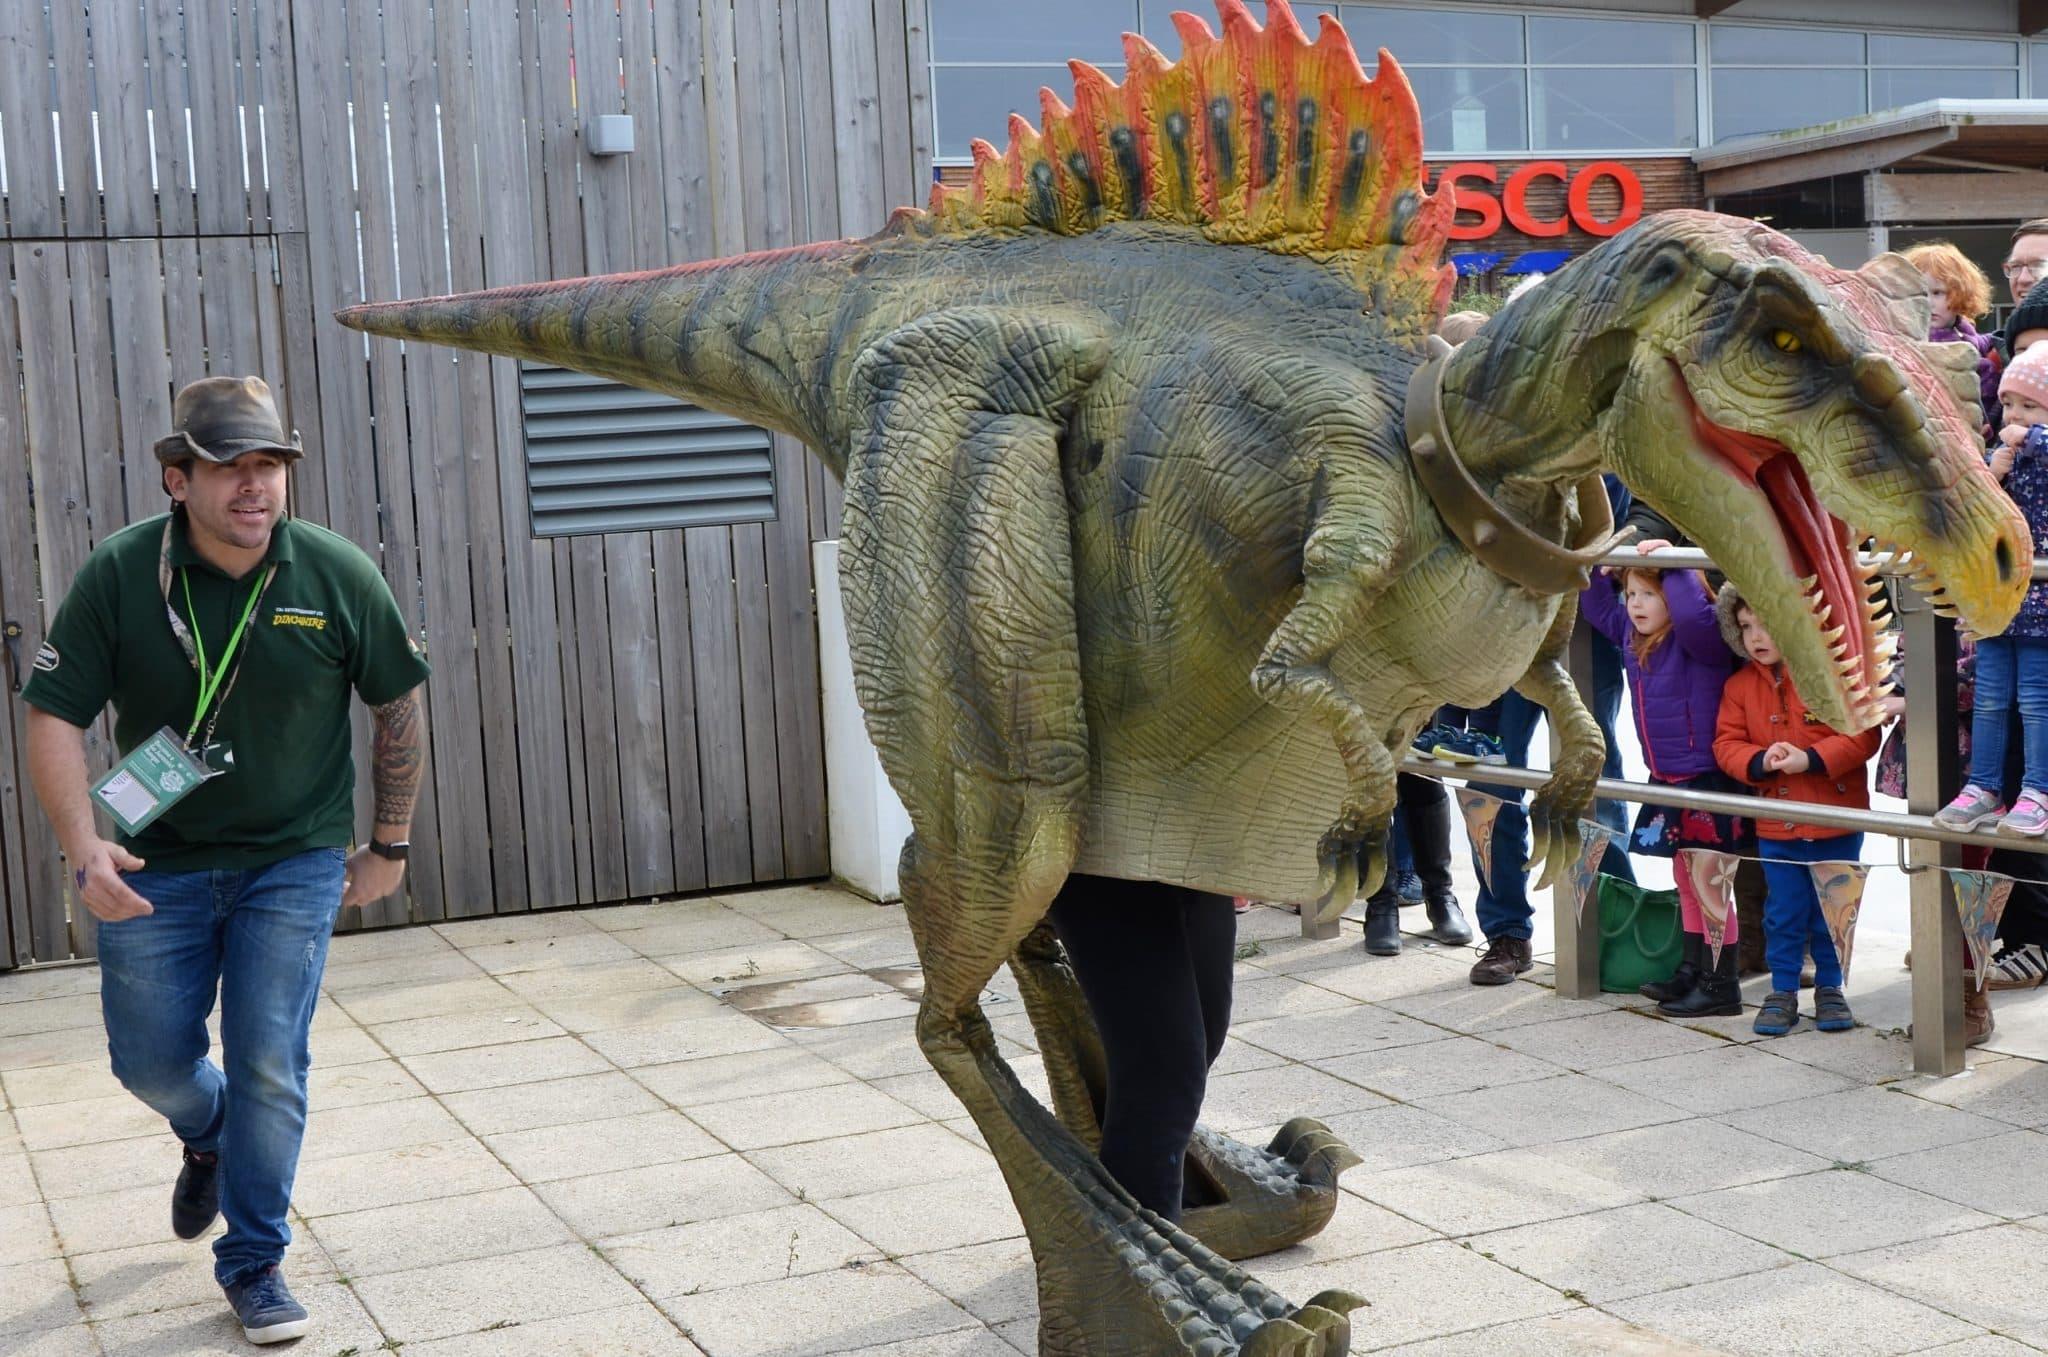 12 - Spike the Spinosaurus